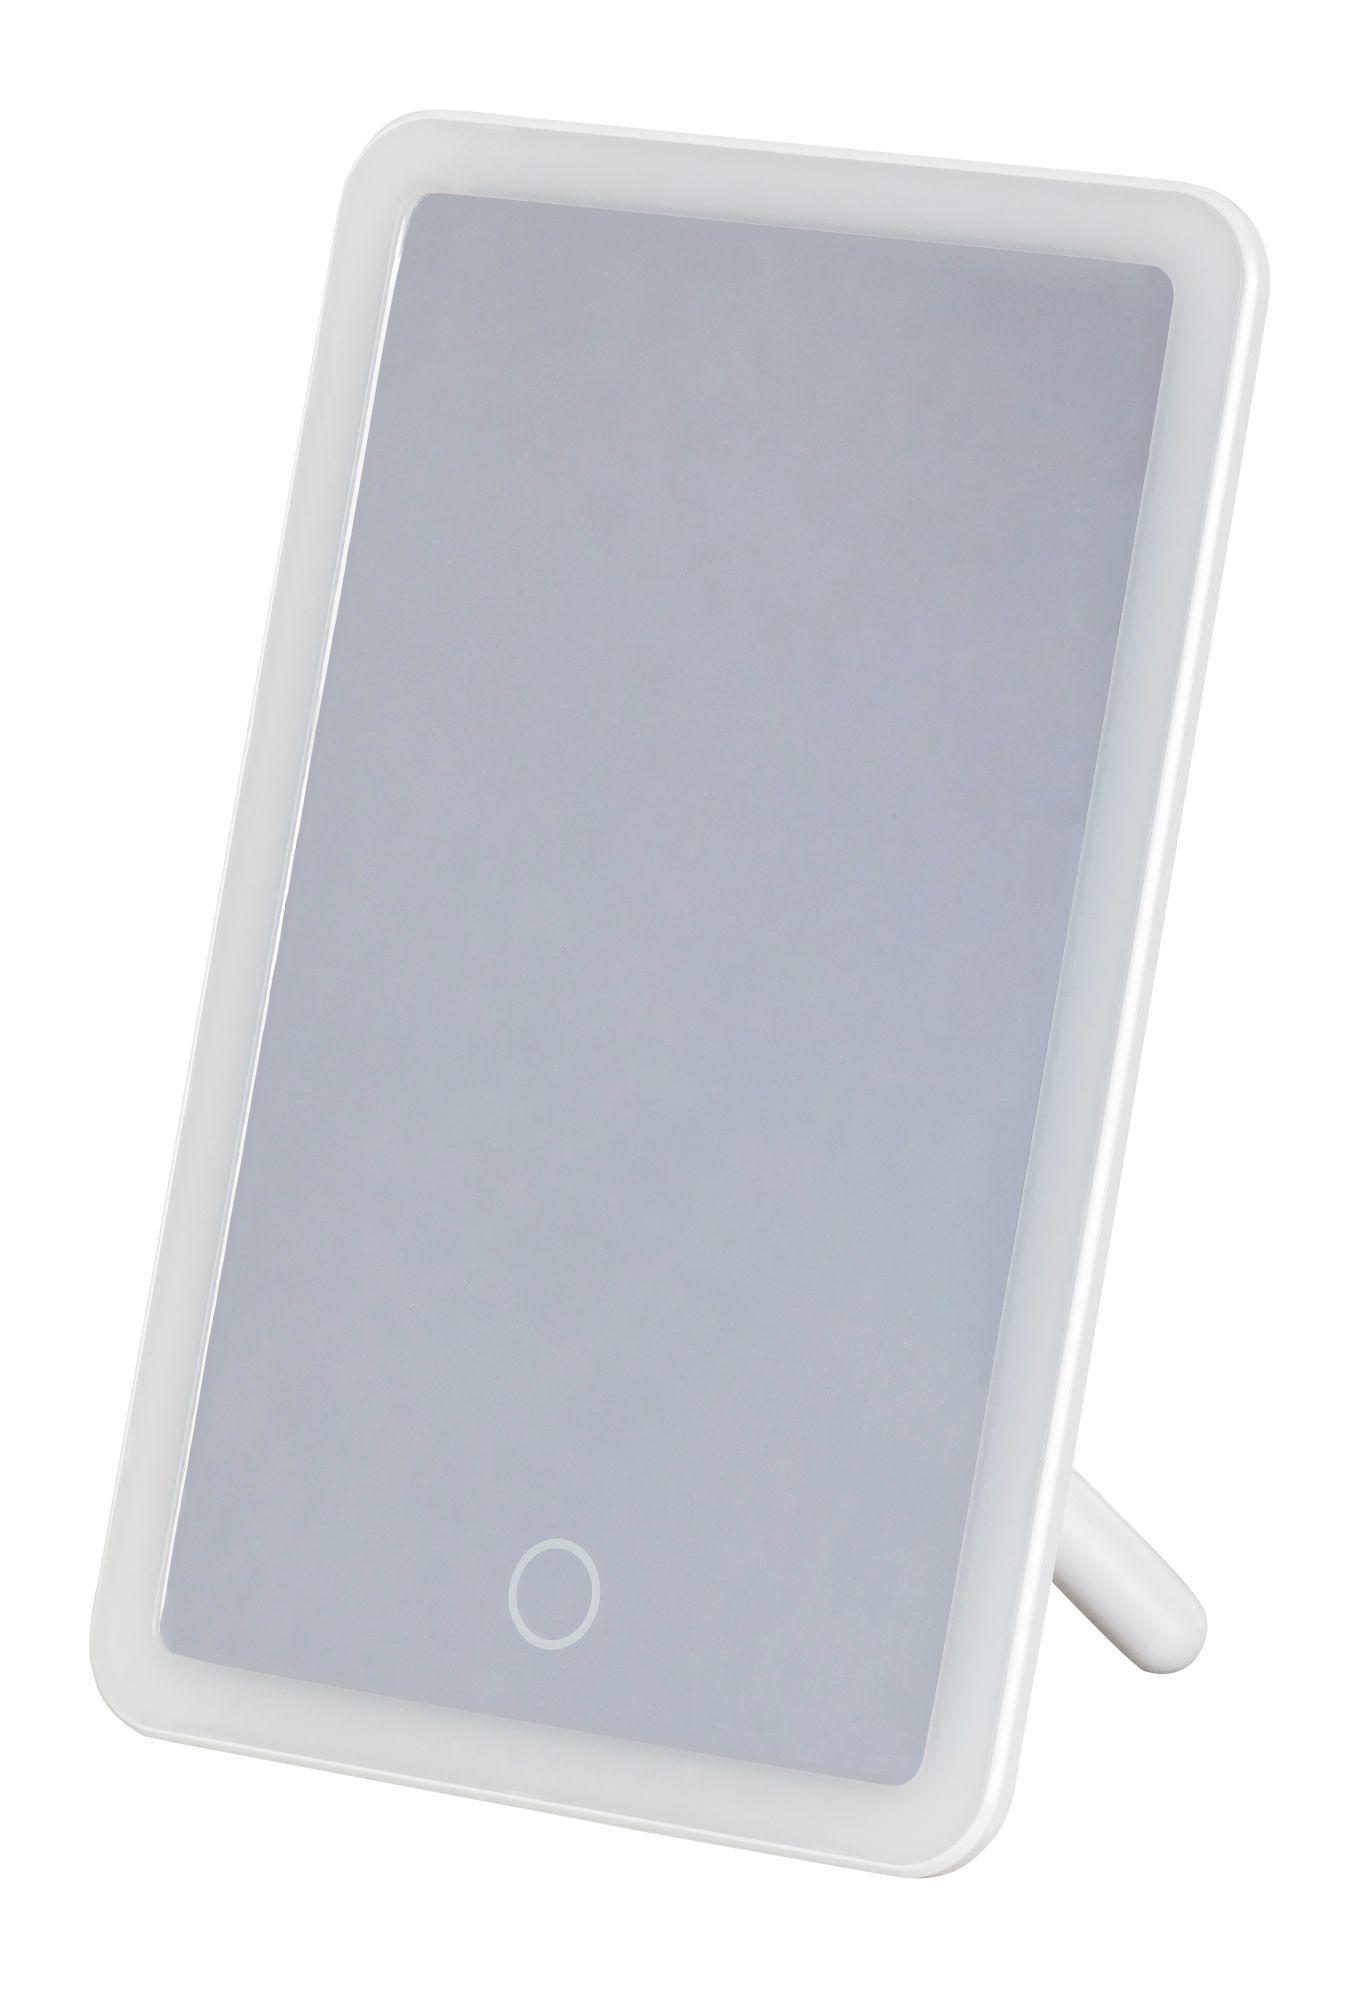 Dekoratívne svietidlo Misty 4538 (biela) (stmievateľné)